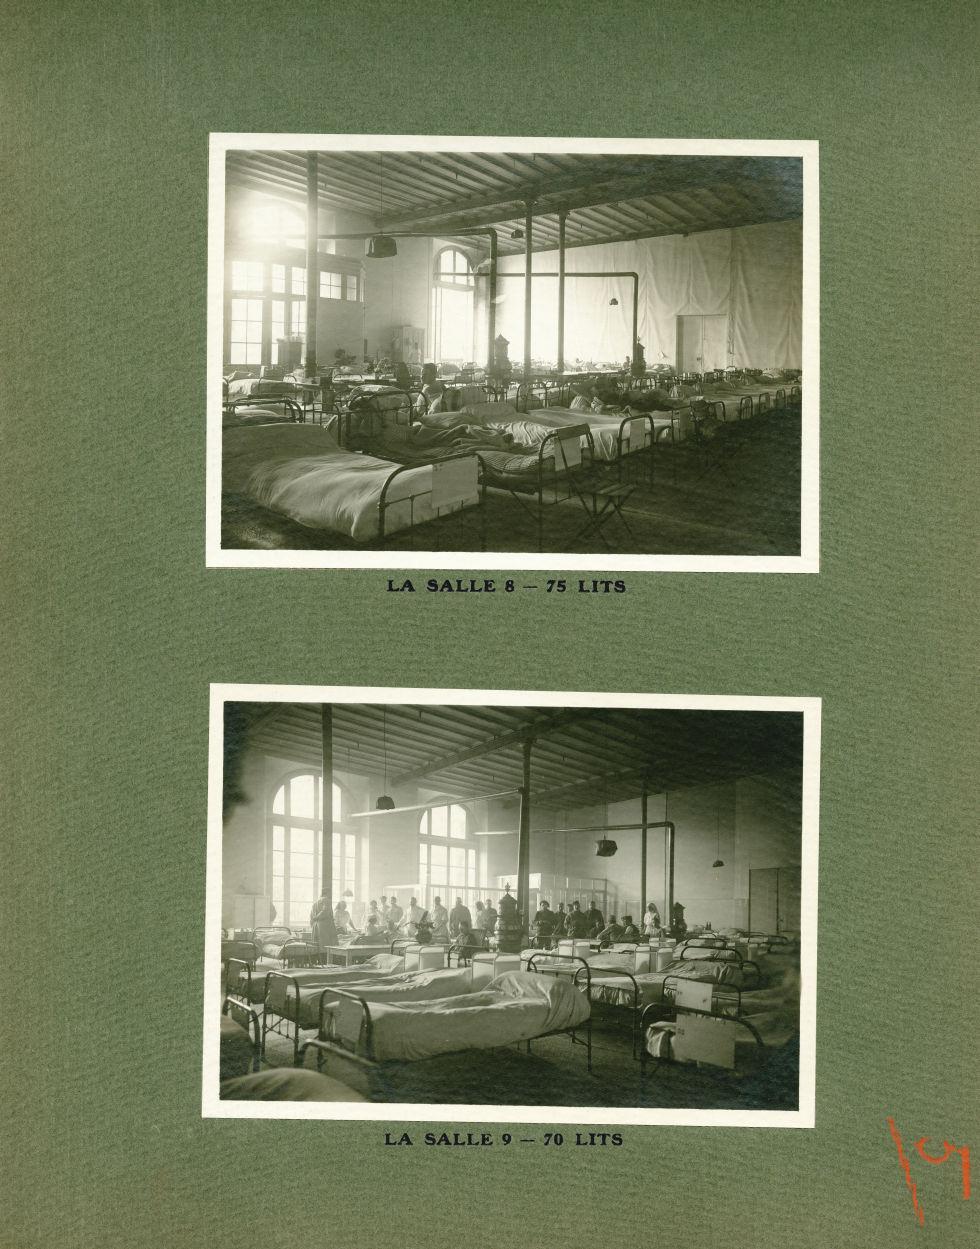 [Le Grand Palais pendant la guerre] La salle 8 - 75 lits / La salle 9 - 70 lits - Le Grand Palais pe [...] -  - med02077x0029